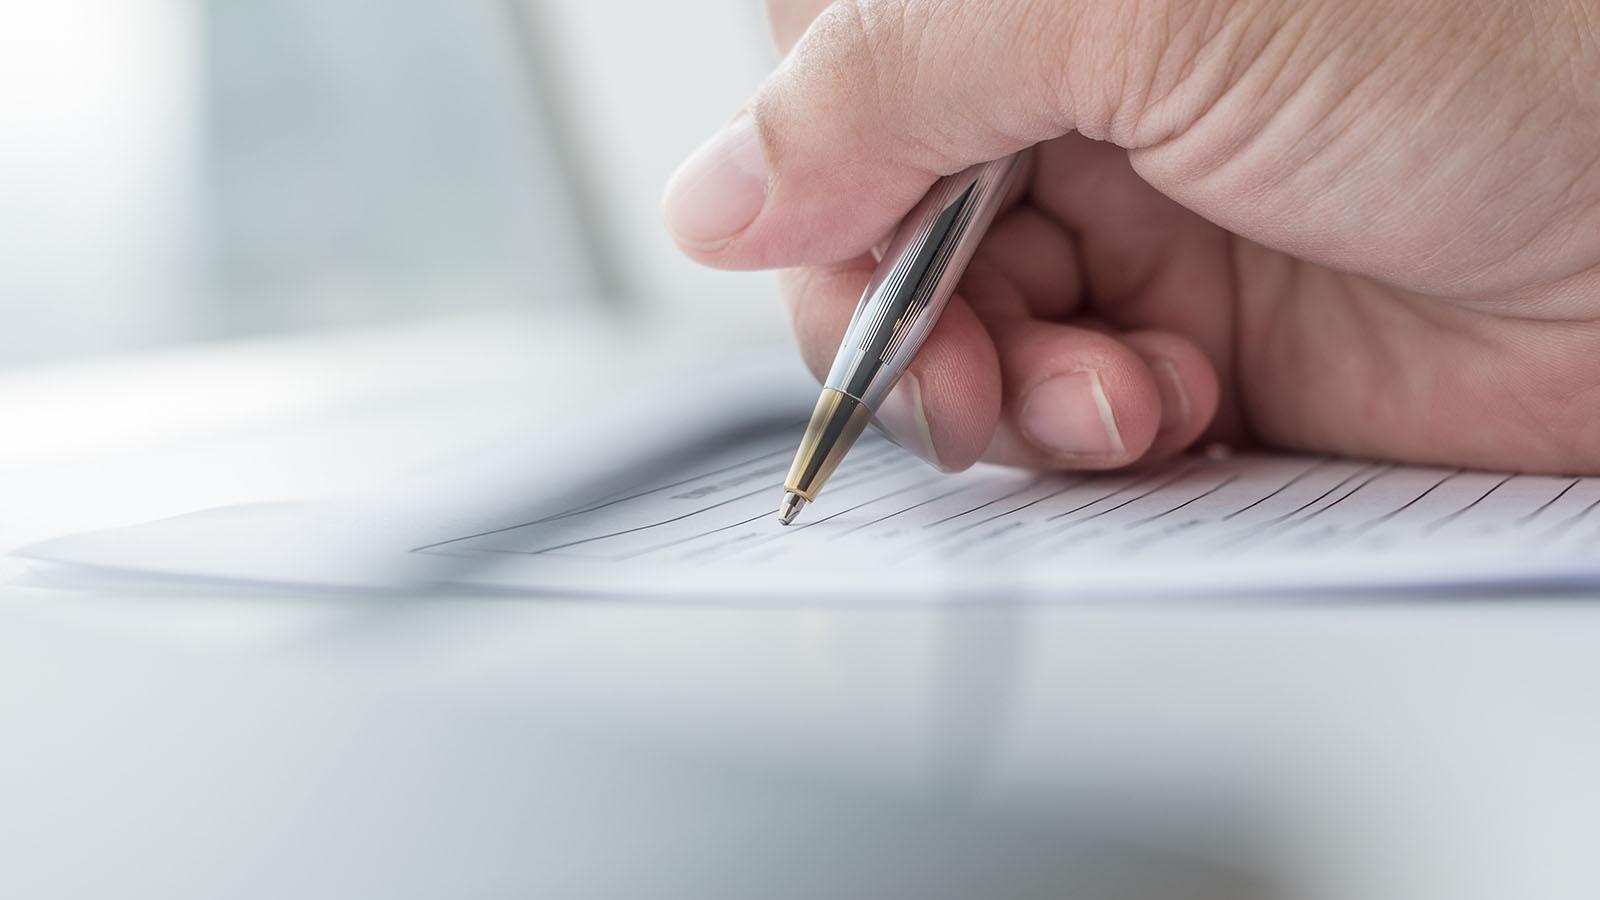 Main d'une personne écrivant sur une feuille de papier